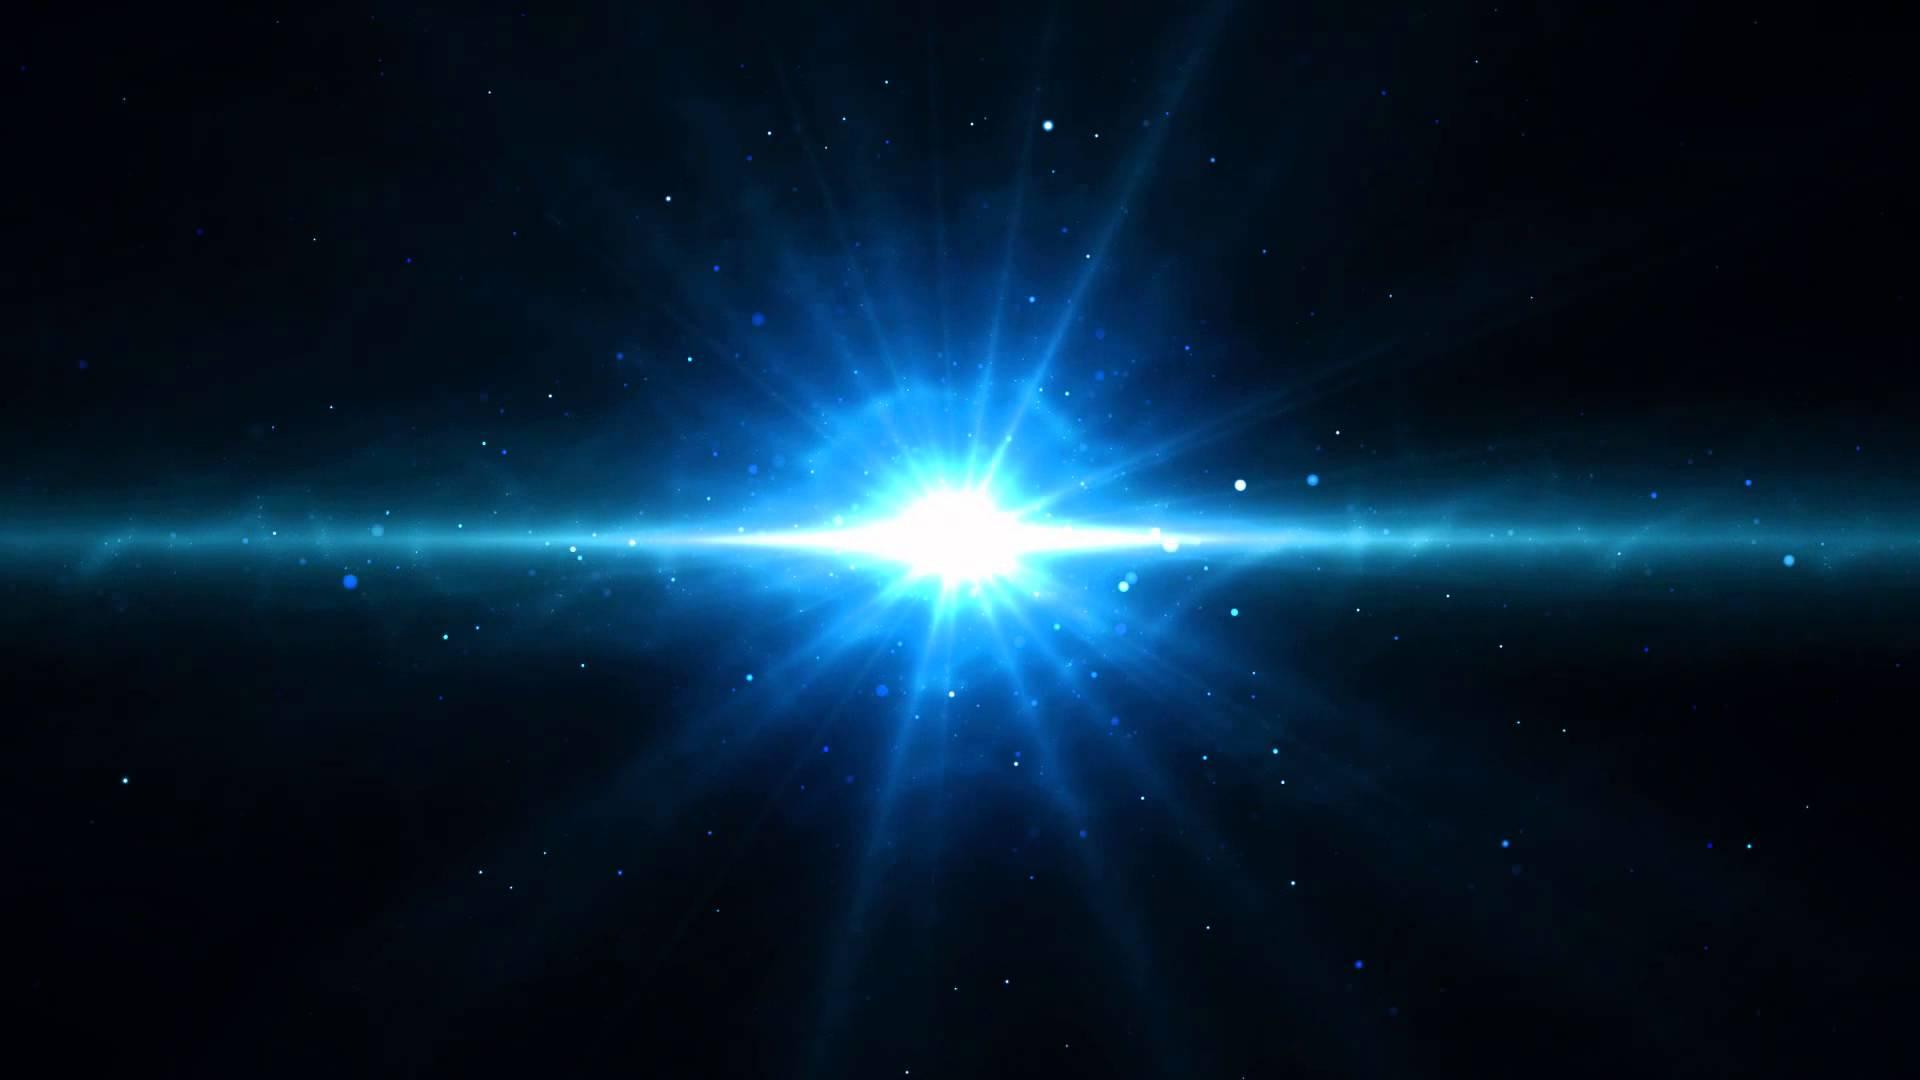 Big Bang Explosion - Big Bang Explosion PNG